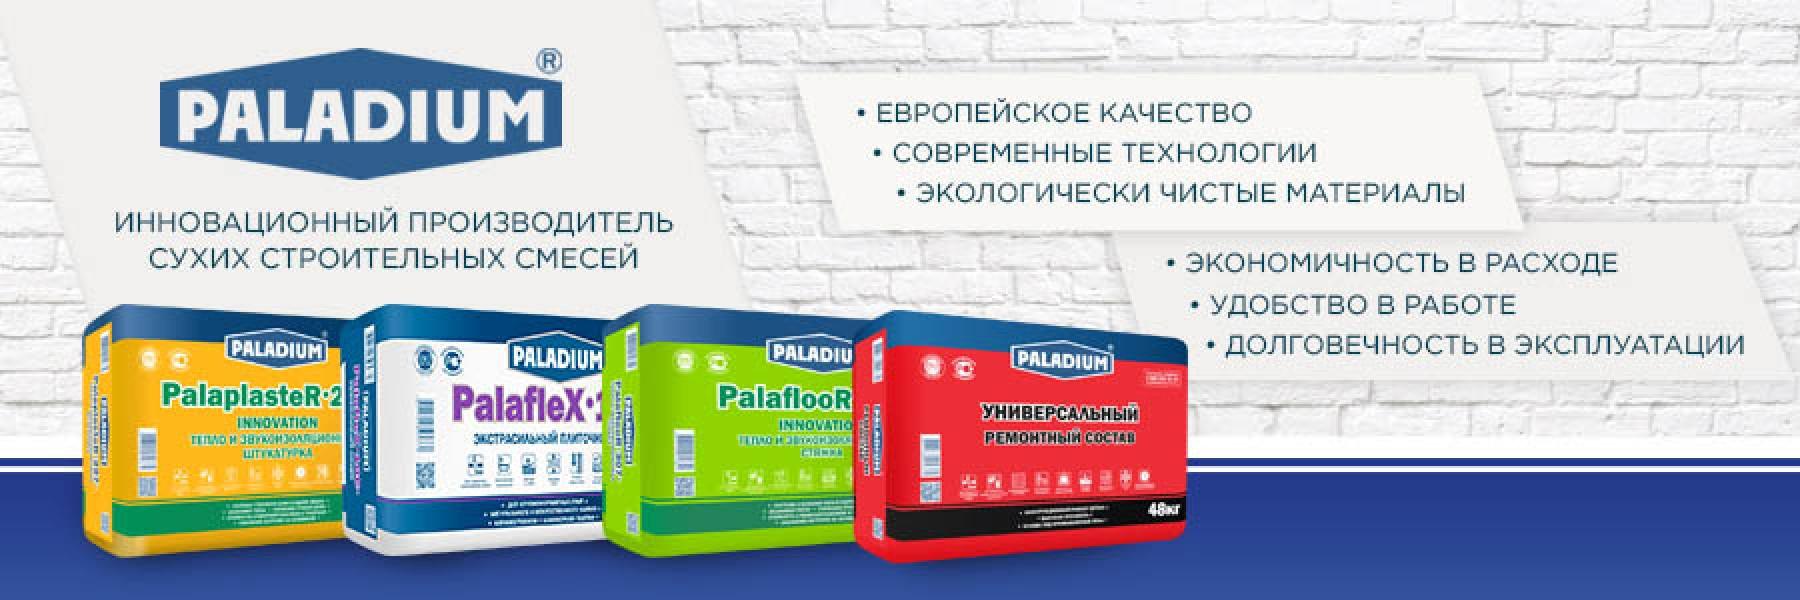 Paladium - сухие смеси европейского качества